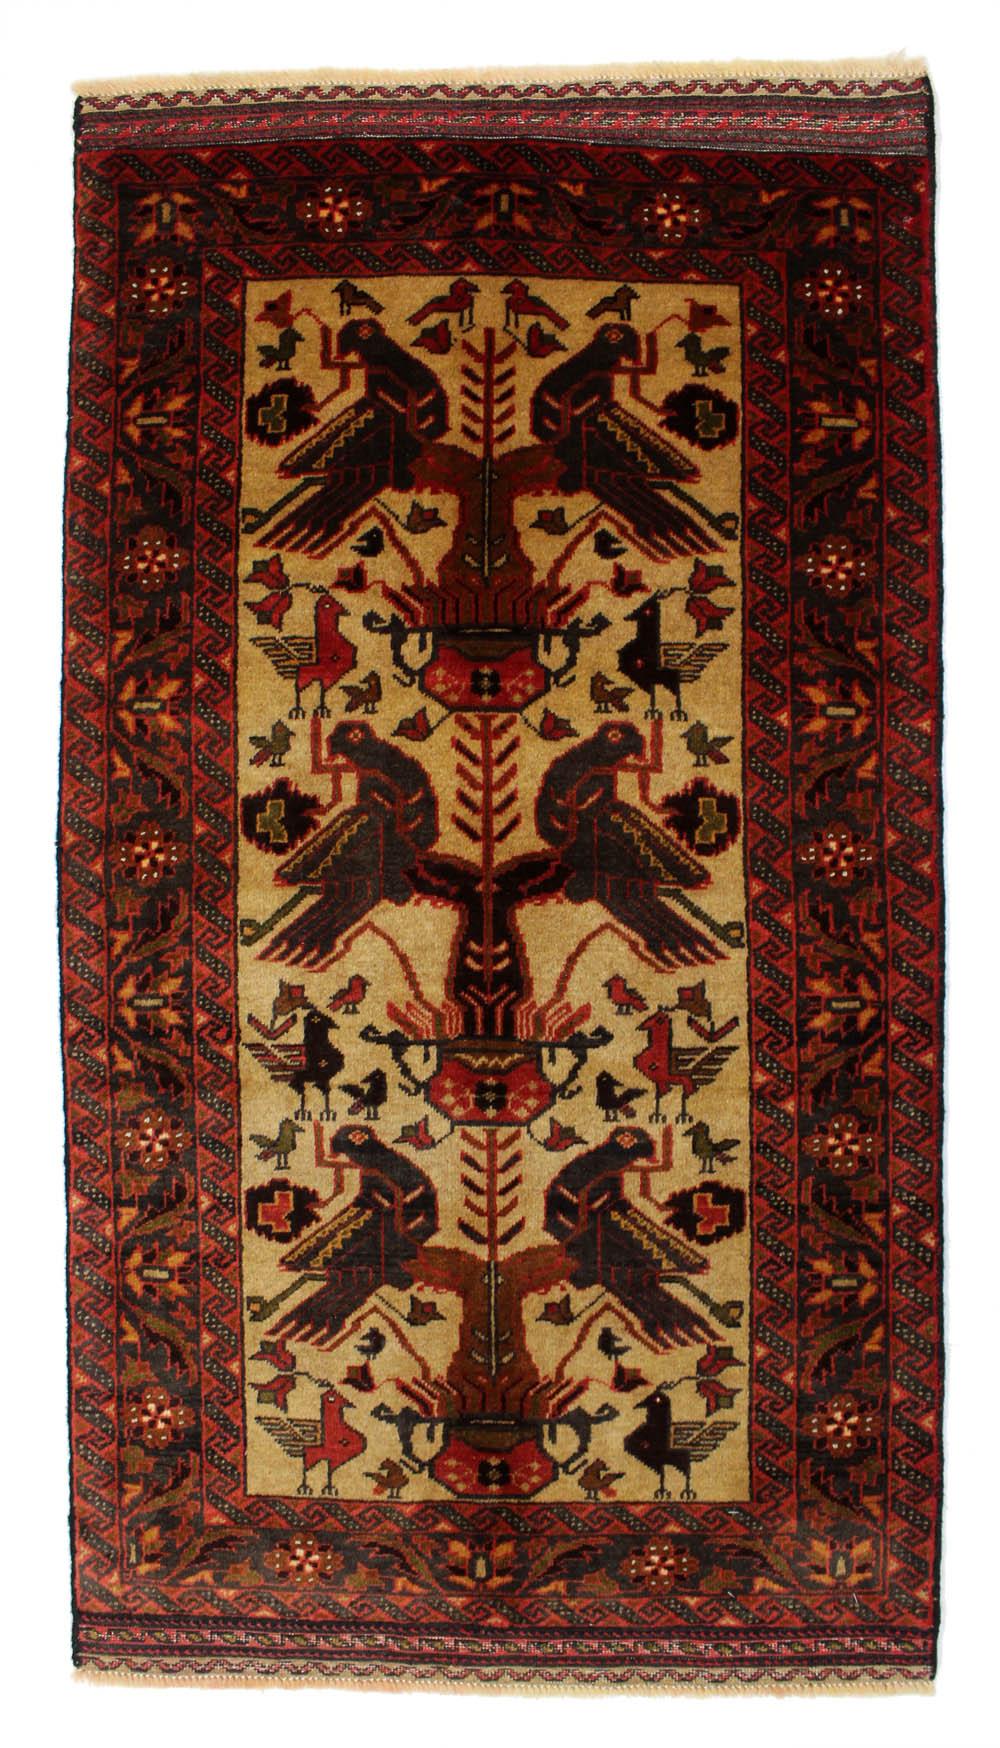 WZCS-24 バルーチ産ペルシャ絨毯 147×80cm